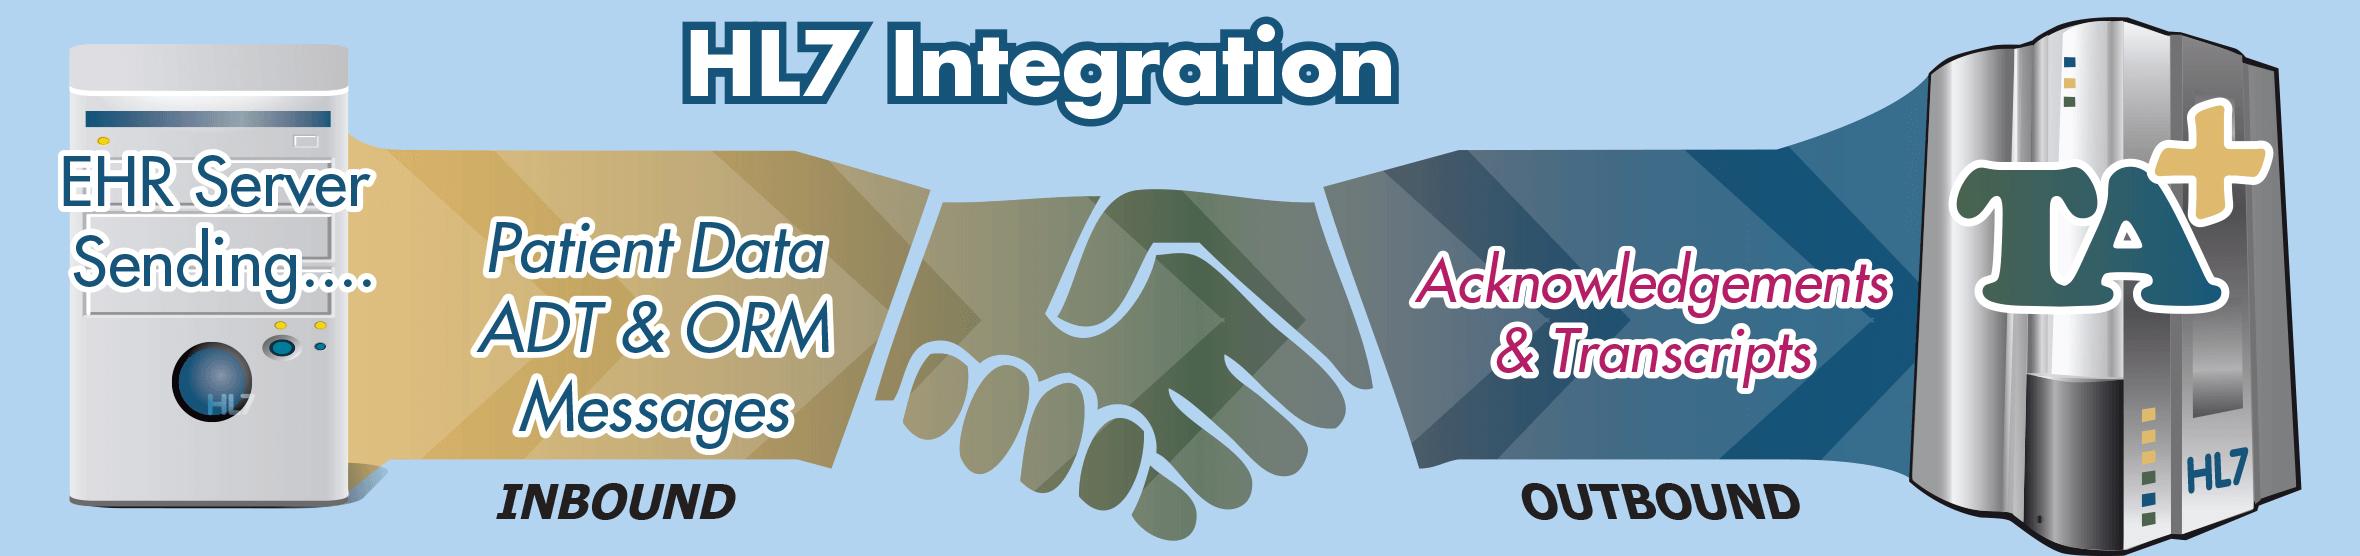 HL7 Integration